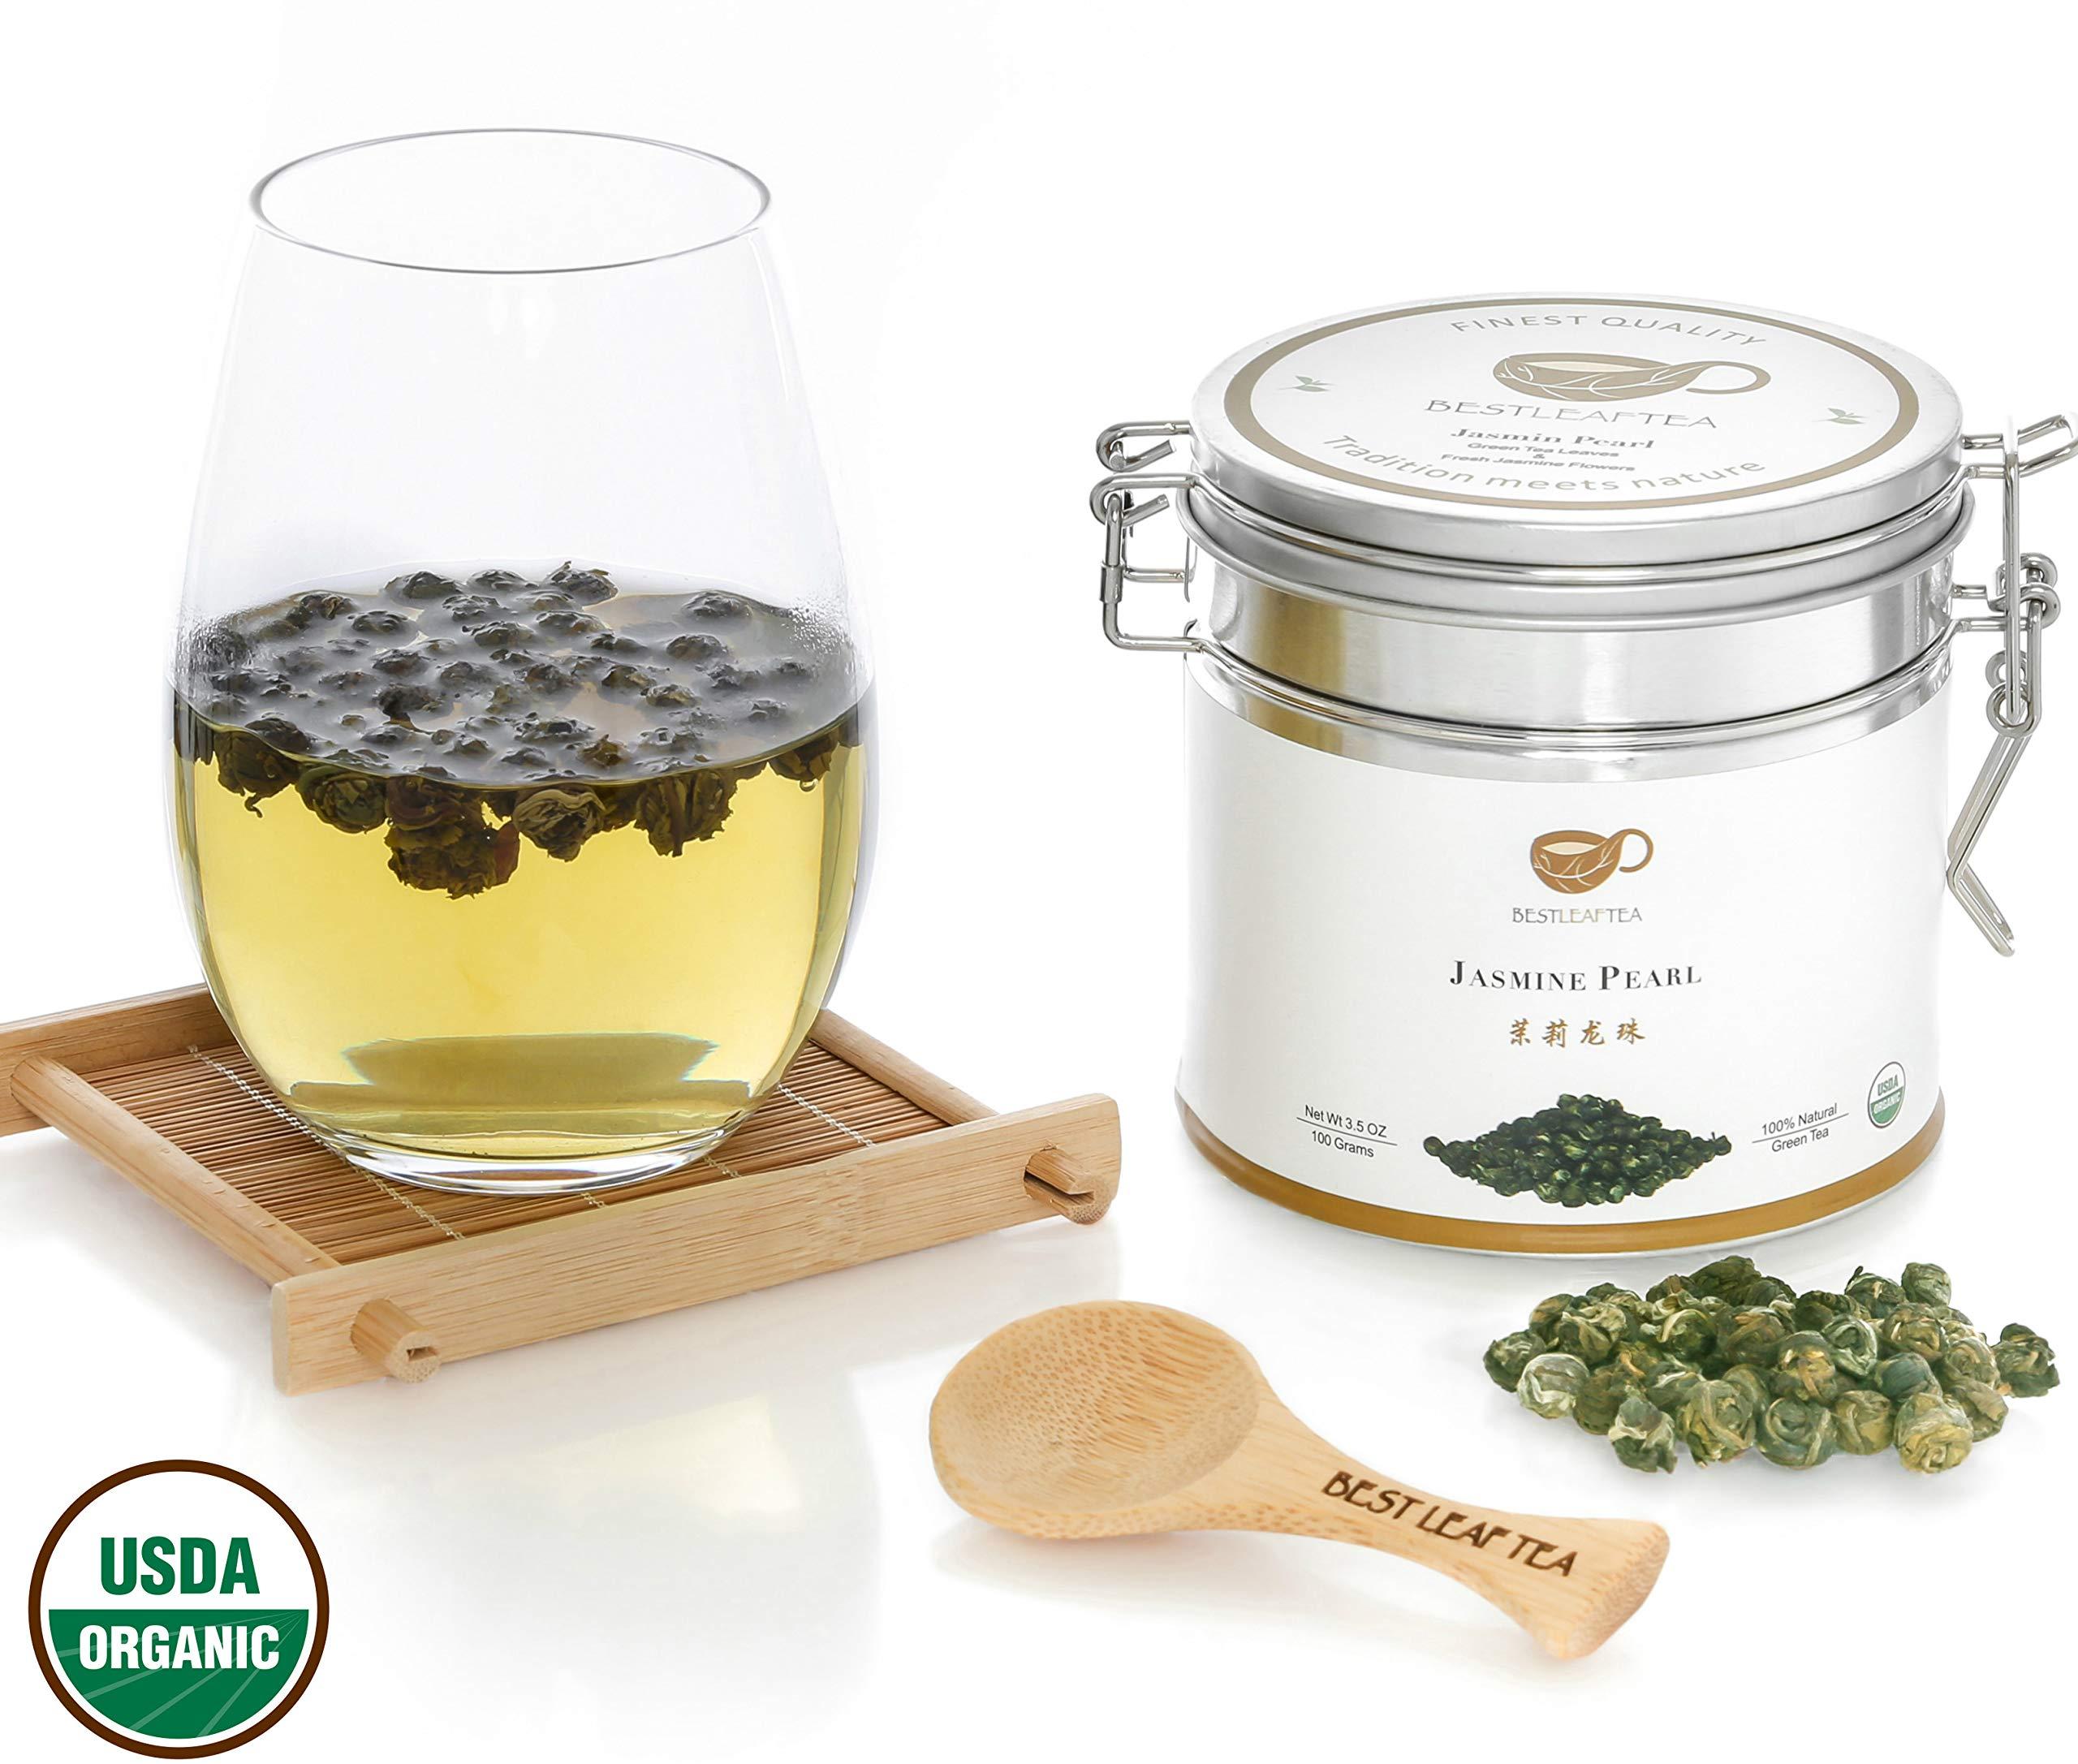 BESTLEAFTEA- Spring Picked Organic Jasmine Pearl Green Tea/Top Quality Chinese Loose Leaf Tea 100 gram/3.5 OZ